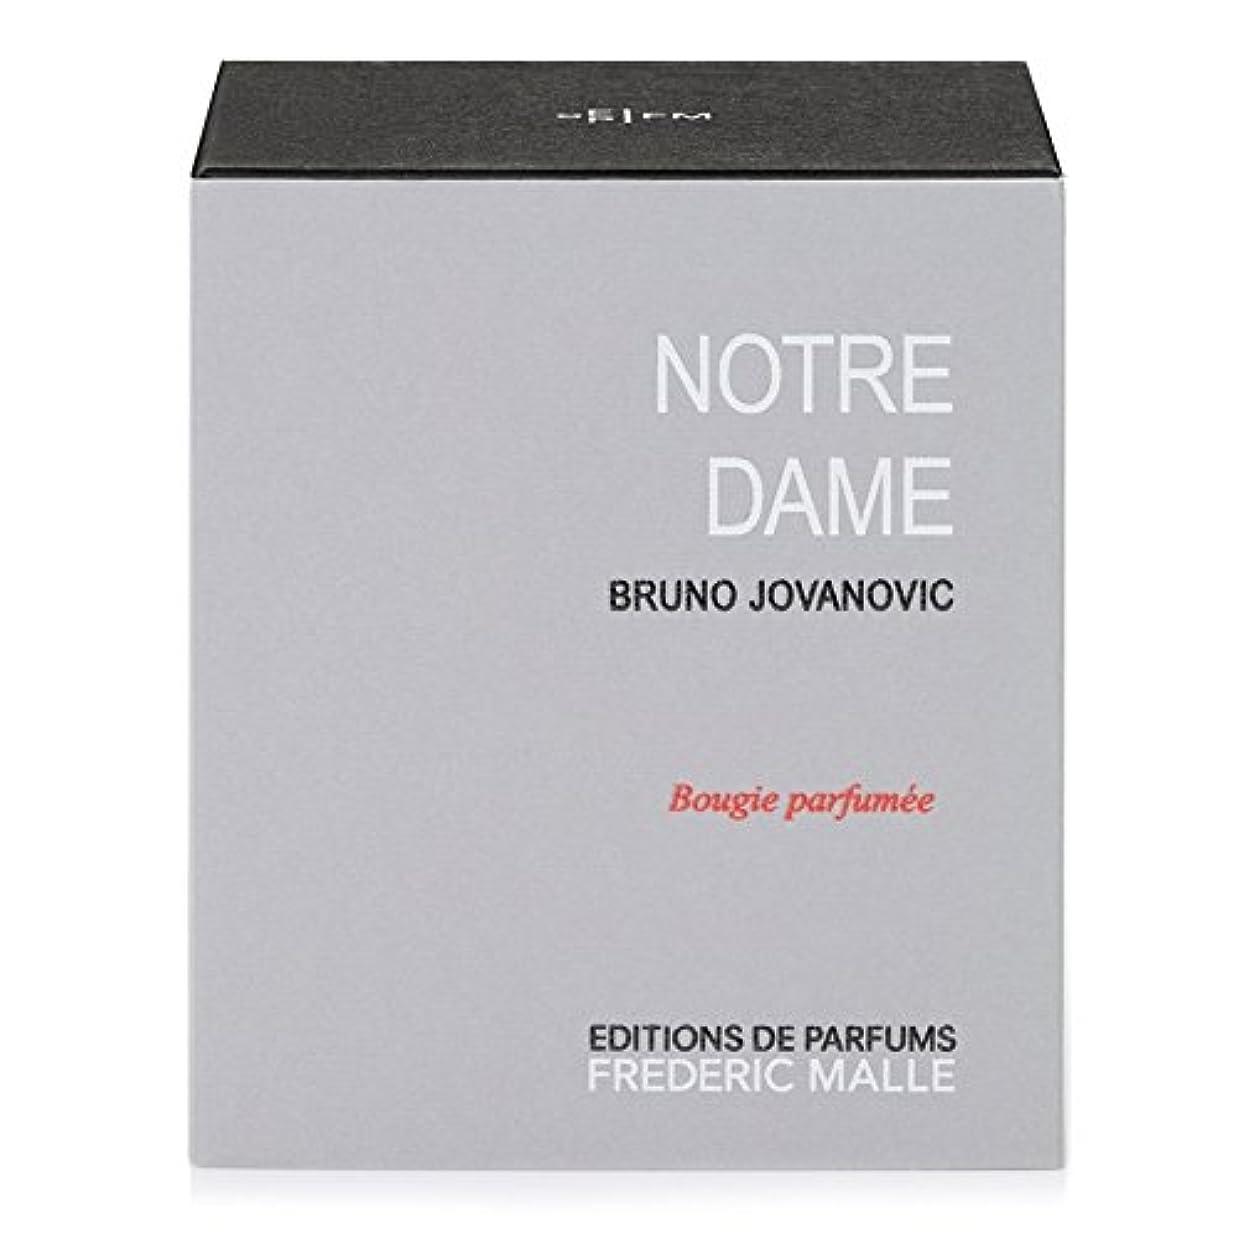 首スリラーサスティーンFrederic Malle Notre Dame Scented Candle 220g - フレデリック?マルノートルダム香りのキャンドル220グラム [並行輸入品]